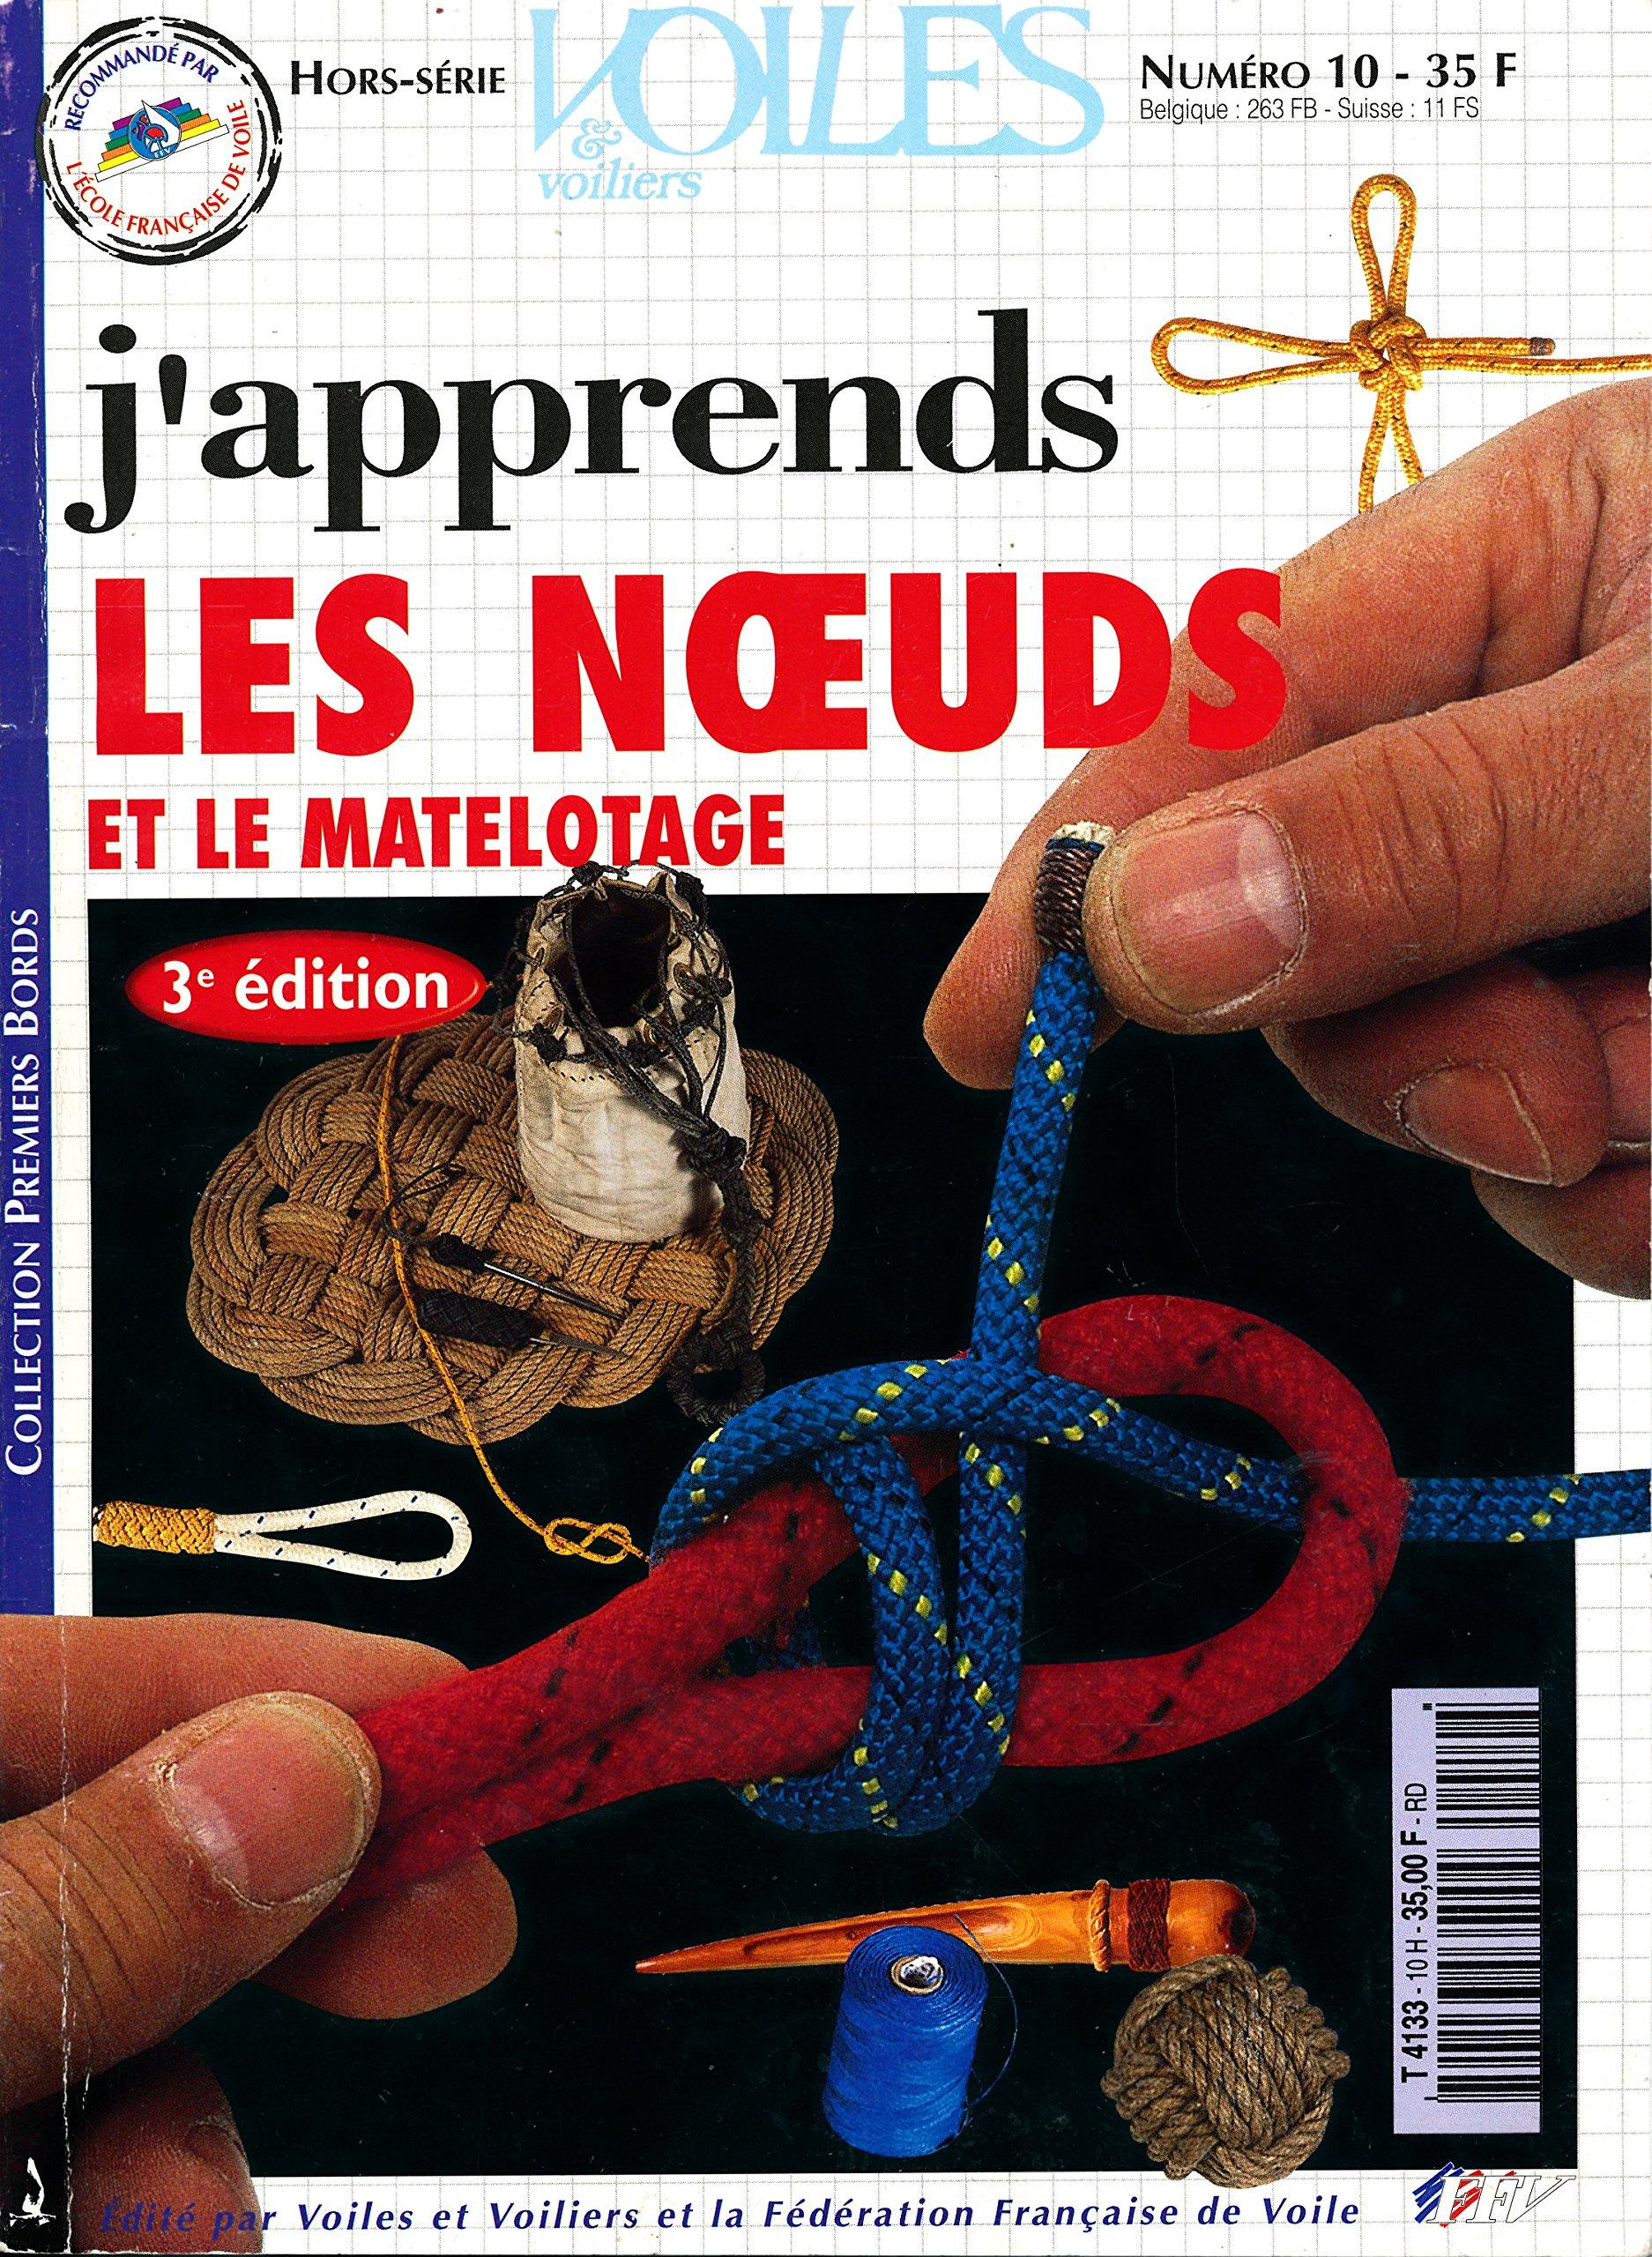 J'apprends les noeuds et le matelotage - Voiles et voiliers Hors-série N° 10 Broché – 1999 Collectif B00KTY4210